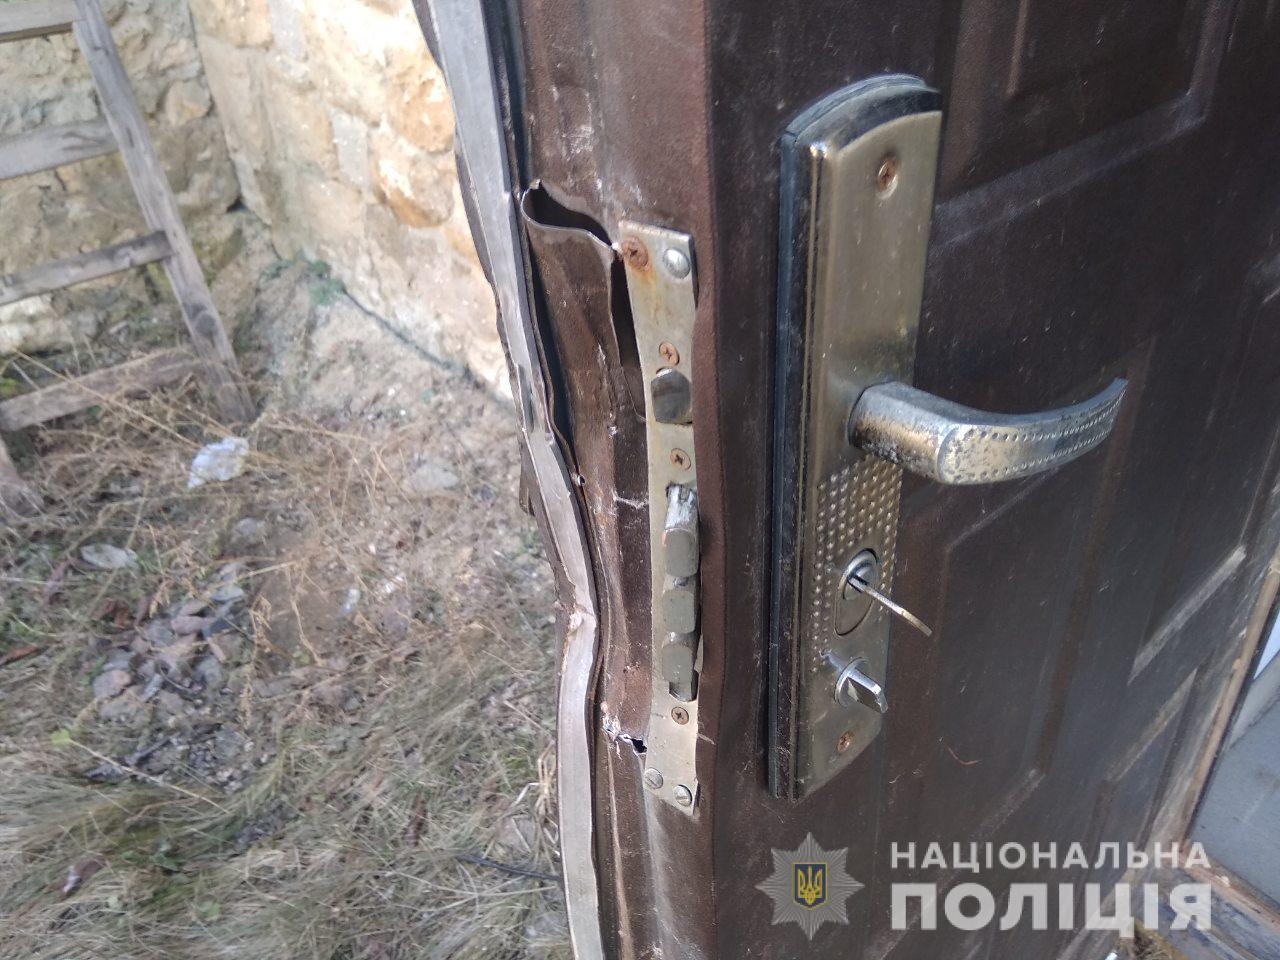 На Одещині влаштували погром у партійному офісі БПП: оприлюднені фото